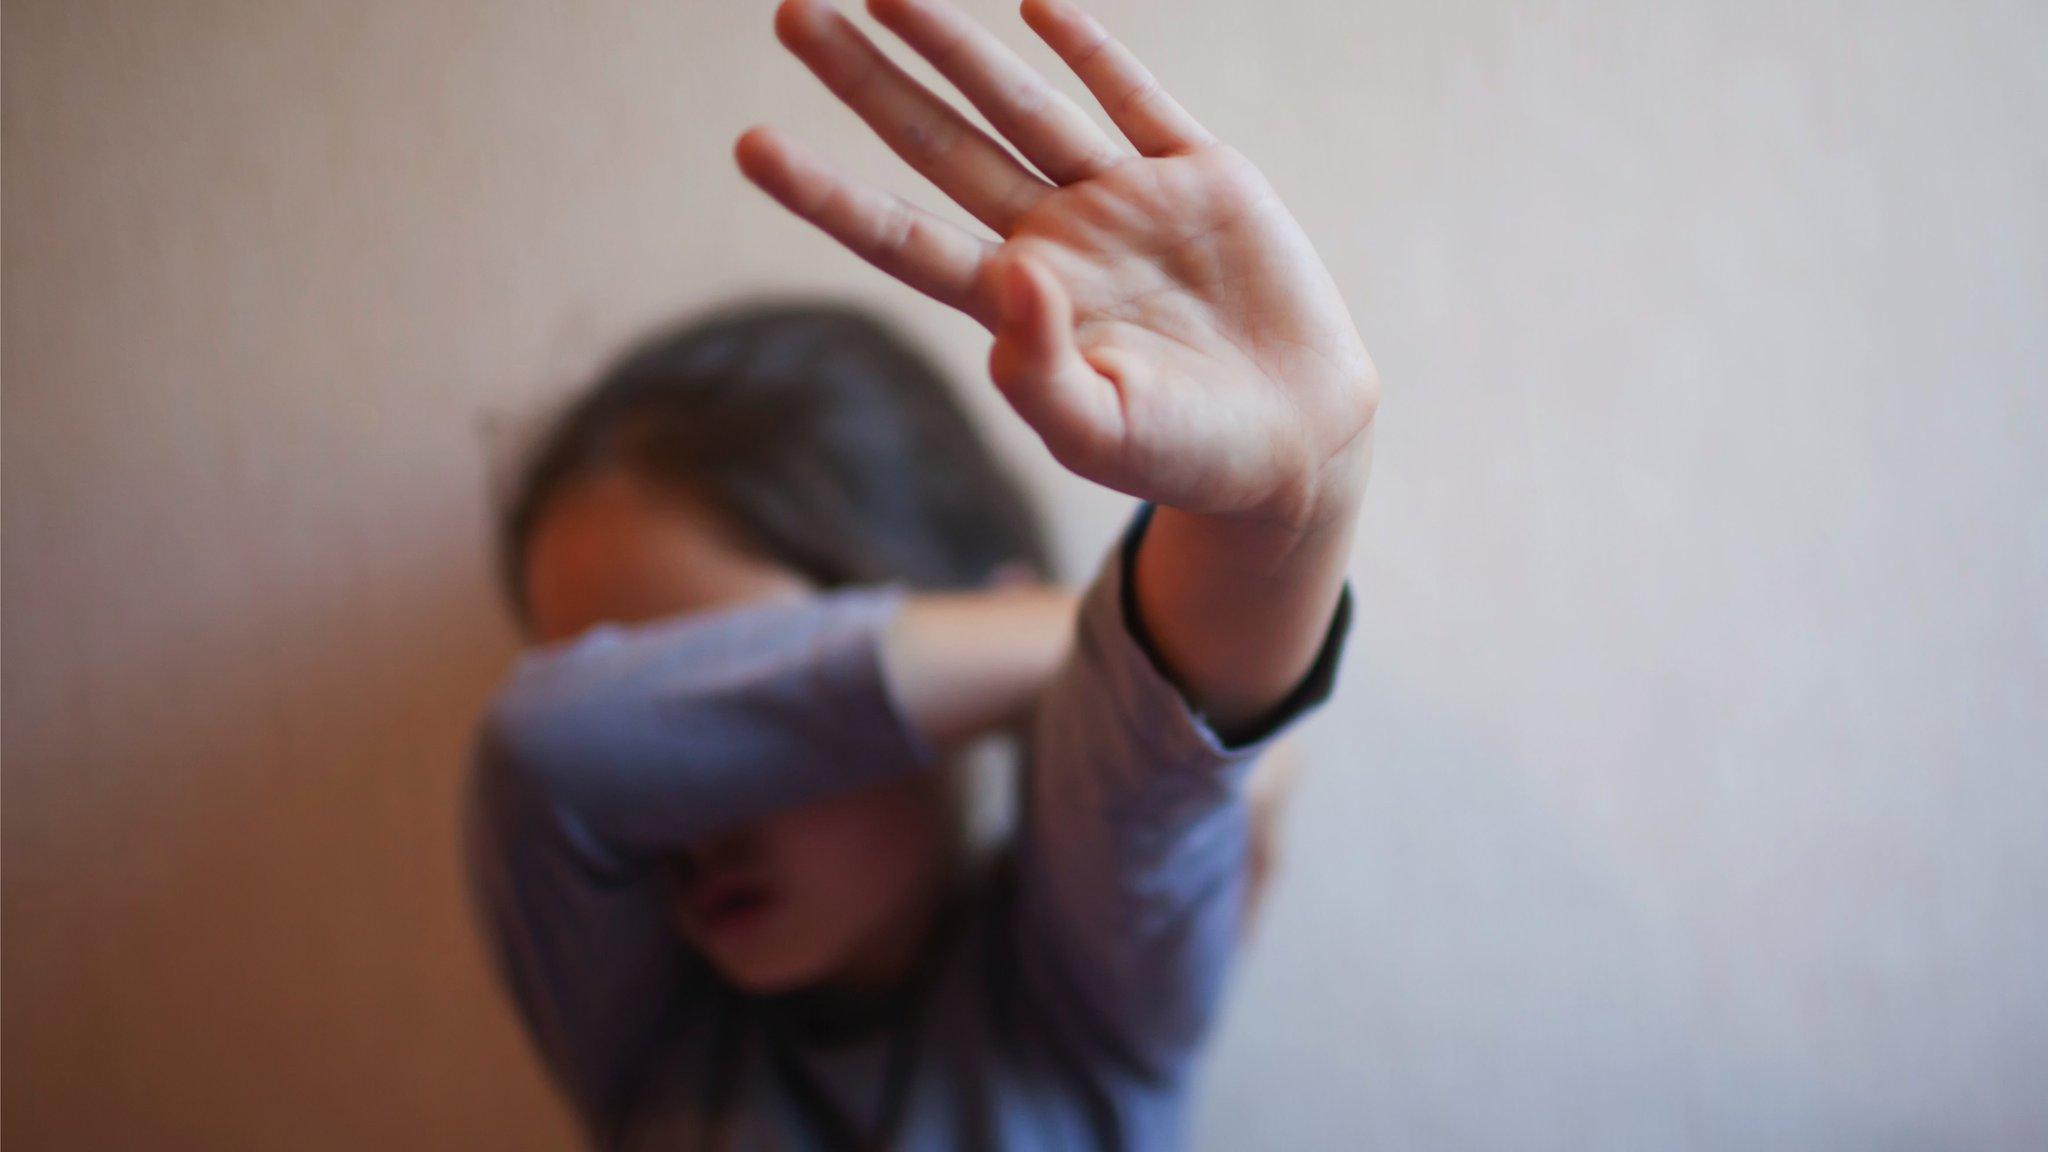 قضية اغتصاب طفلة في المغرب تعيد الجدل حول صرامة القوانين